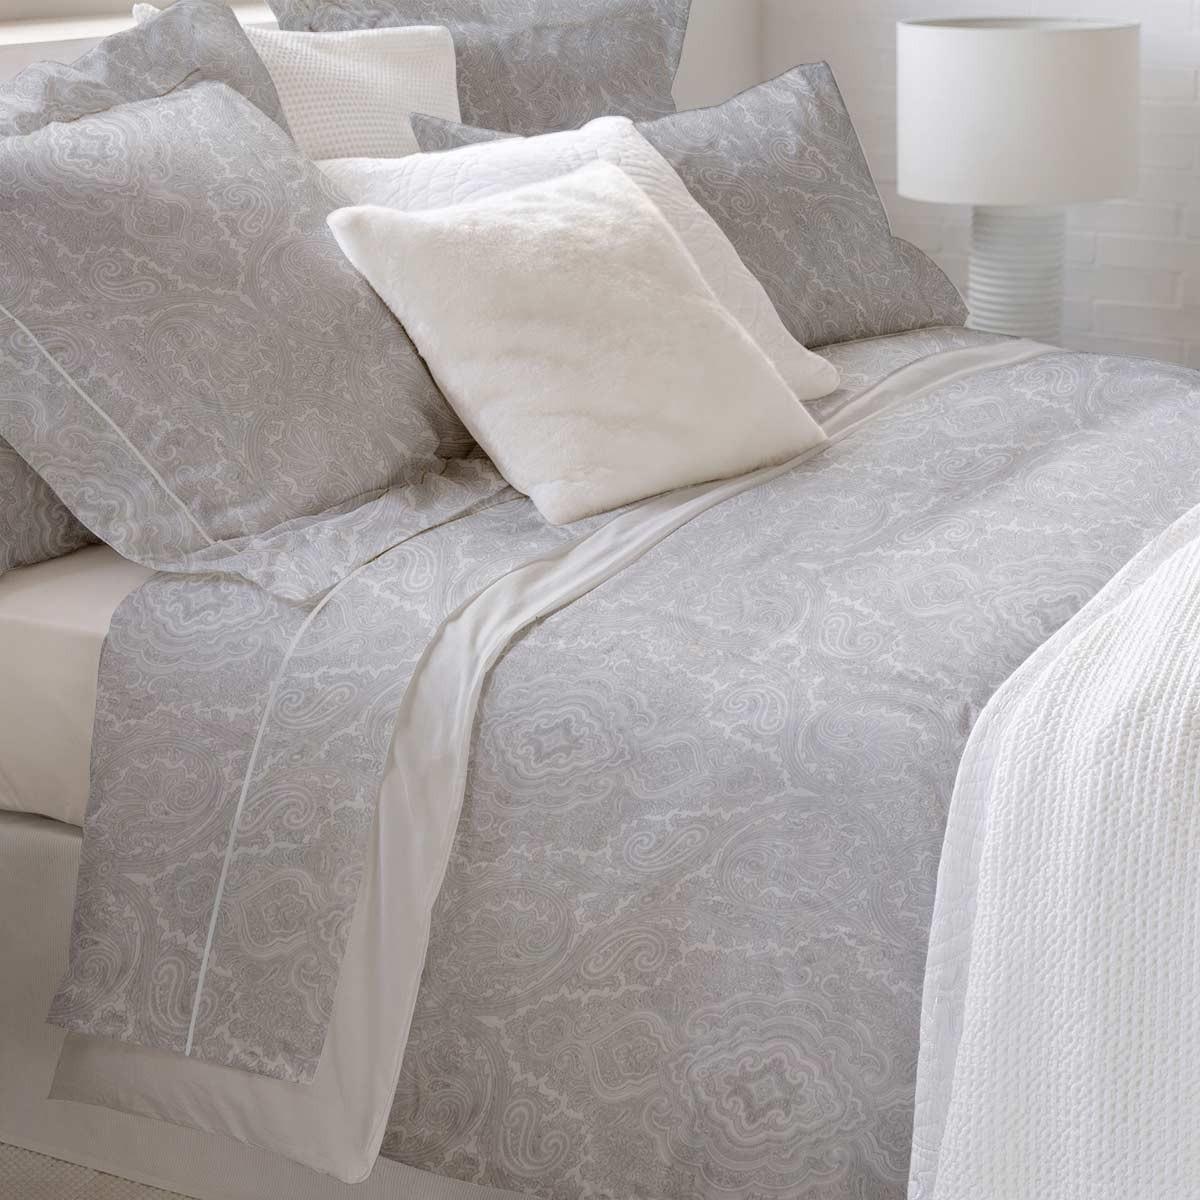 Παπλωματοθήκη Υπέρδιπλη (Σετ) Bedwall Satin Oriental Grey